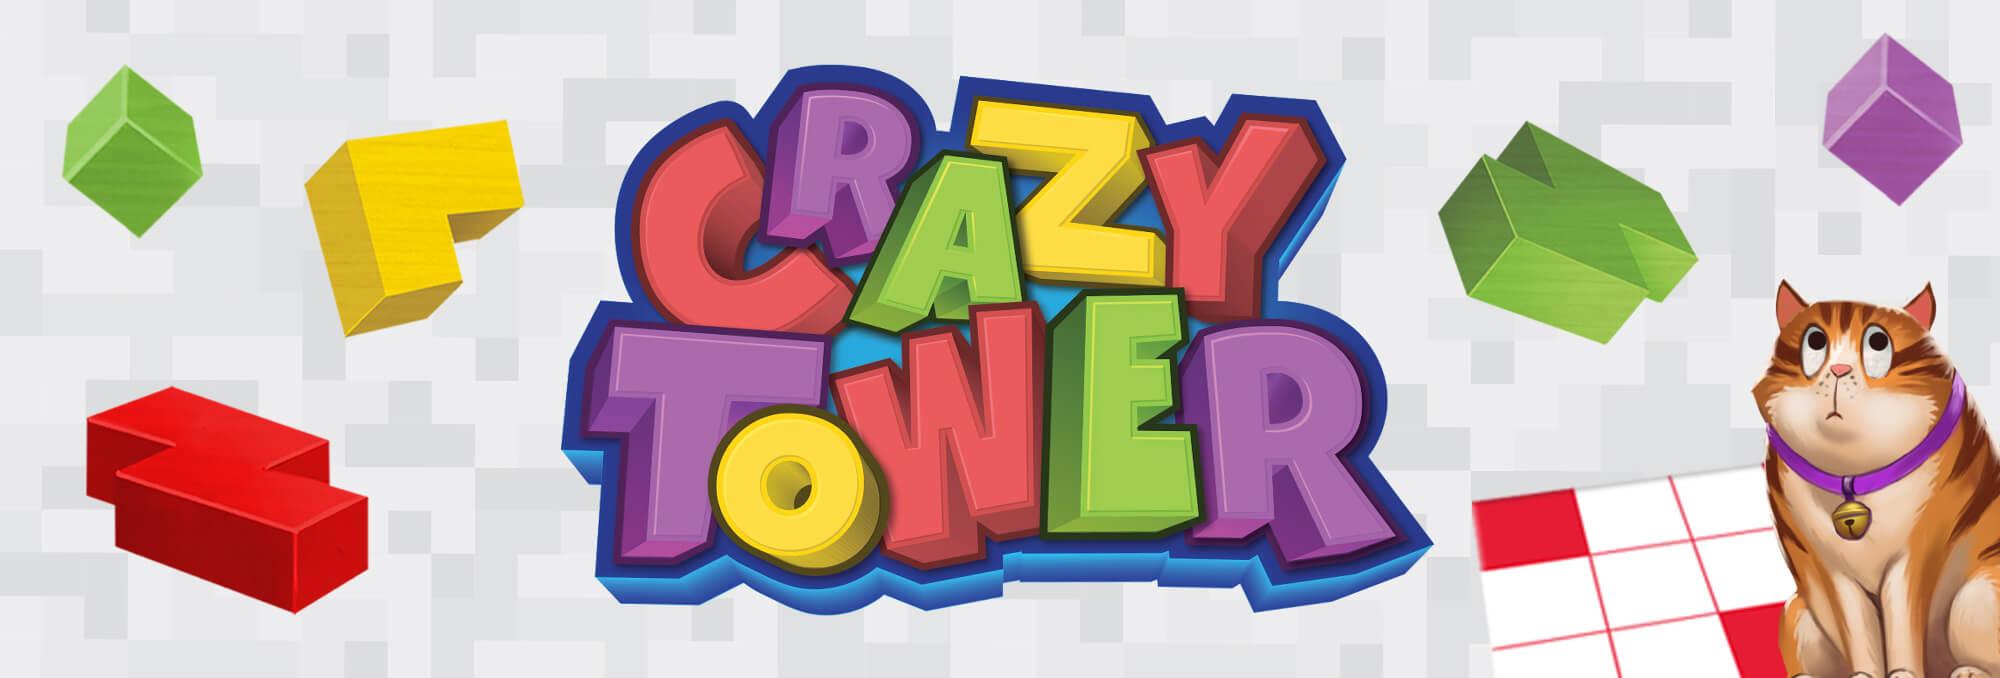 Slide-Crazy_tower2